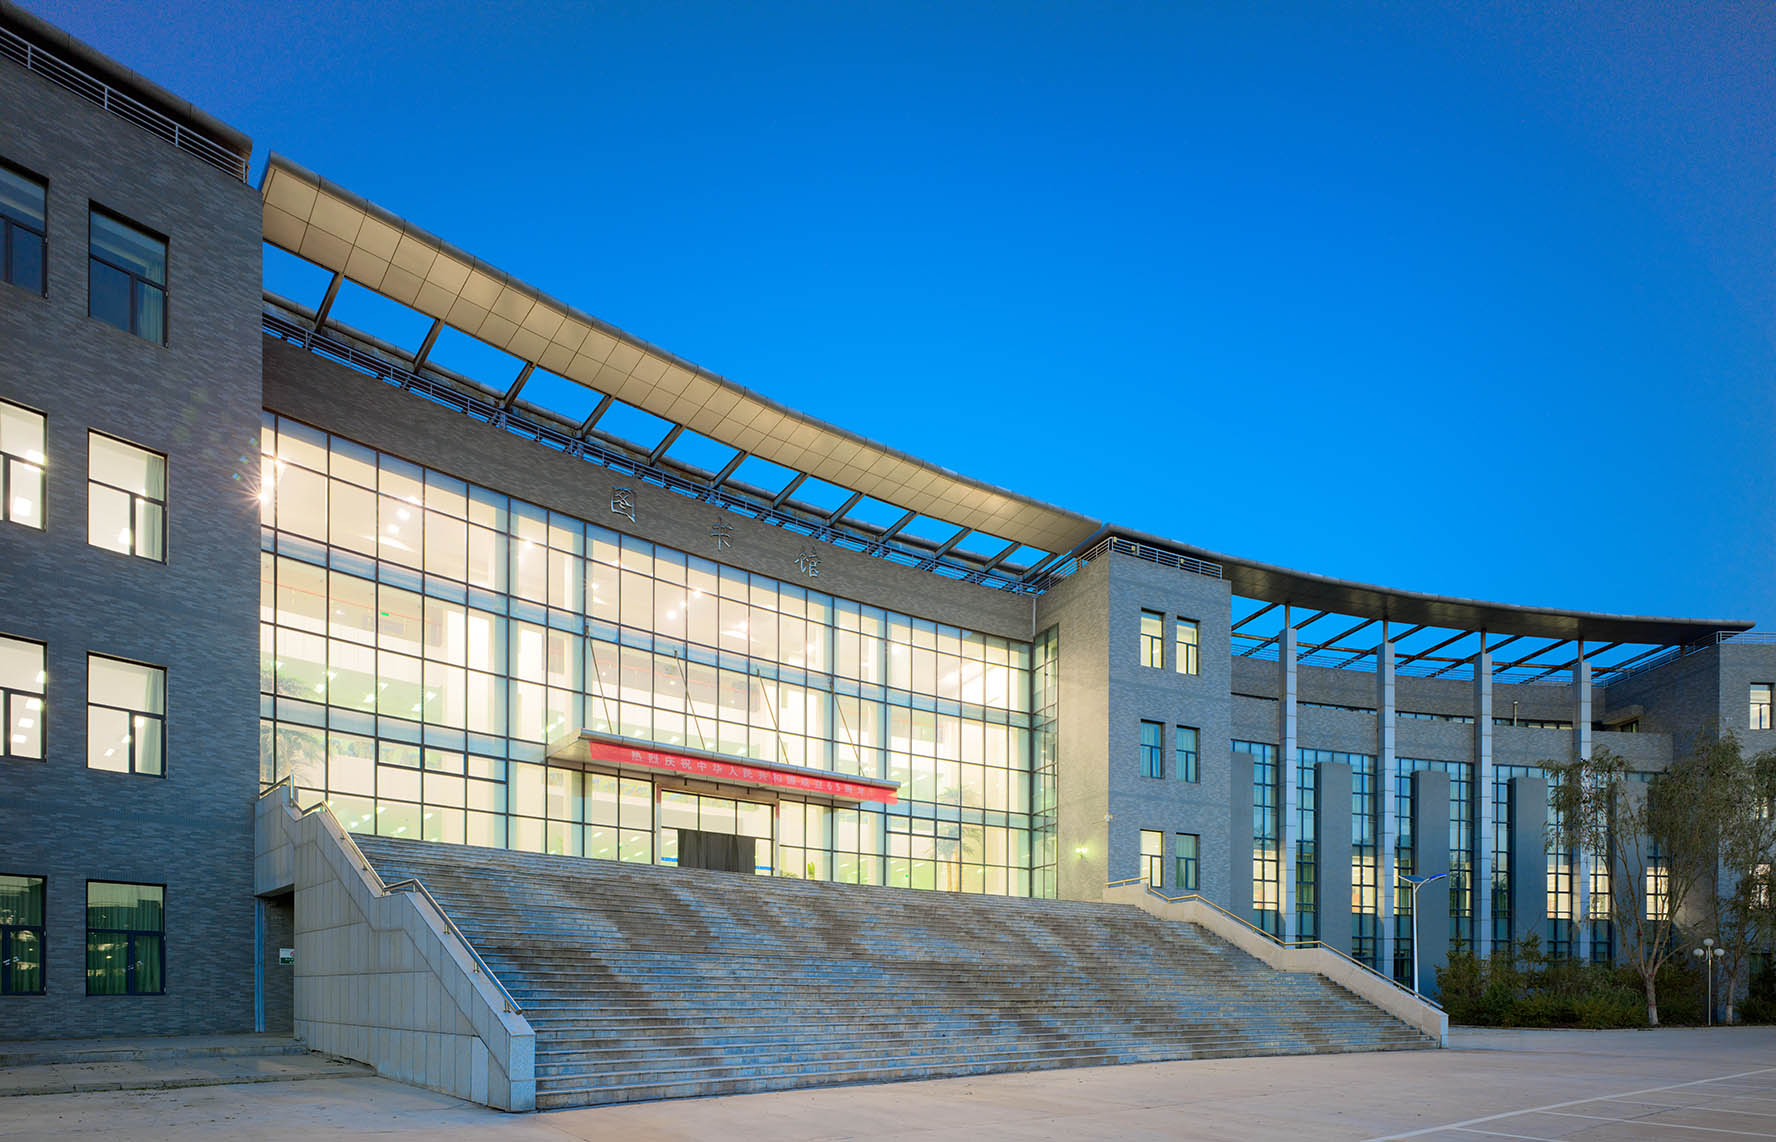 安徽经济技术学院_宁夏师范学院图书馆 - 北京市住宅建筑设计研究院有限公司